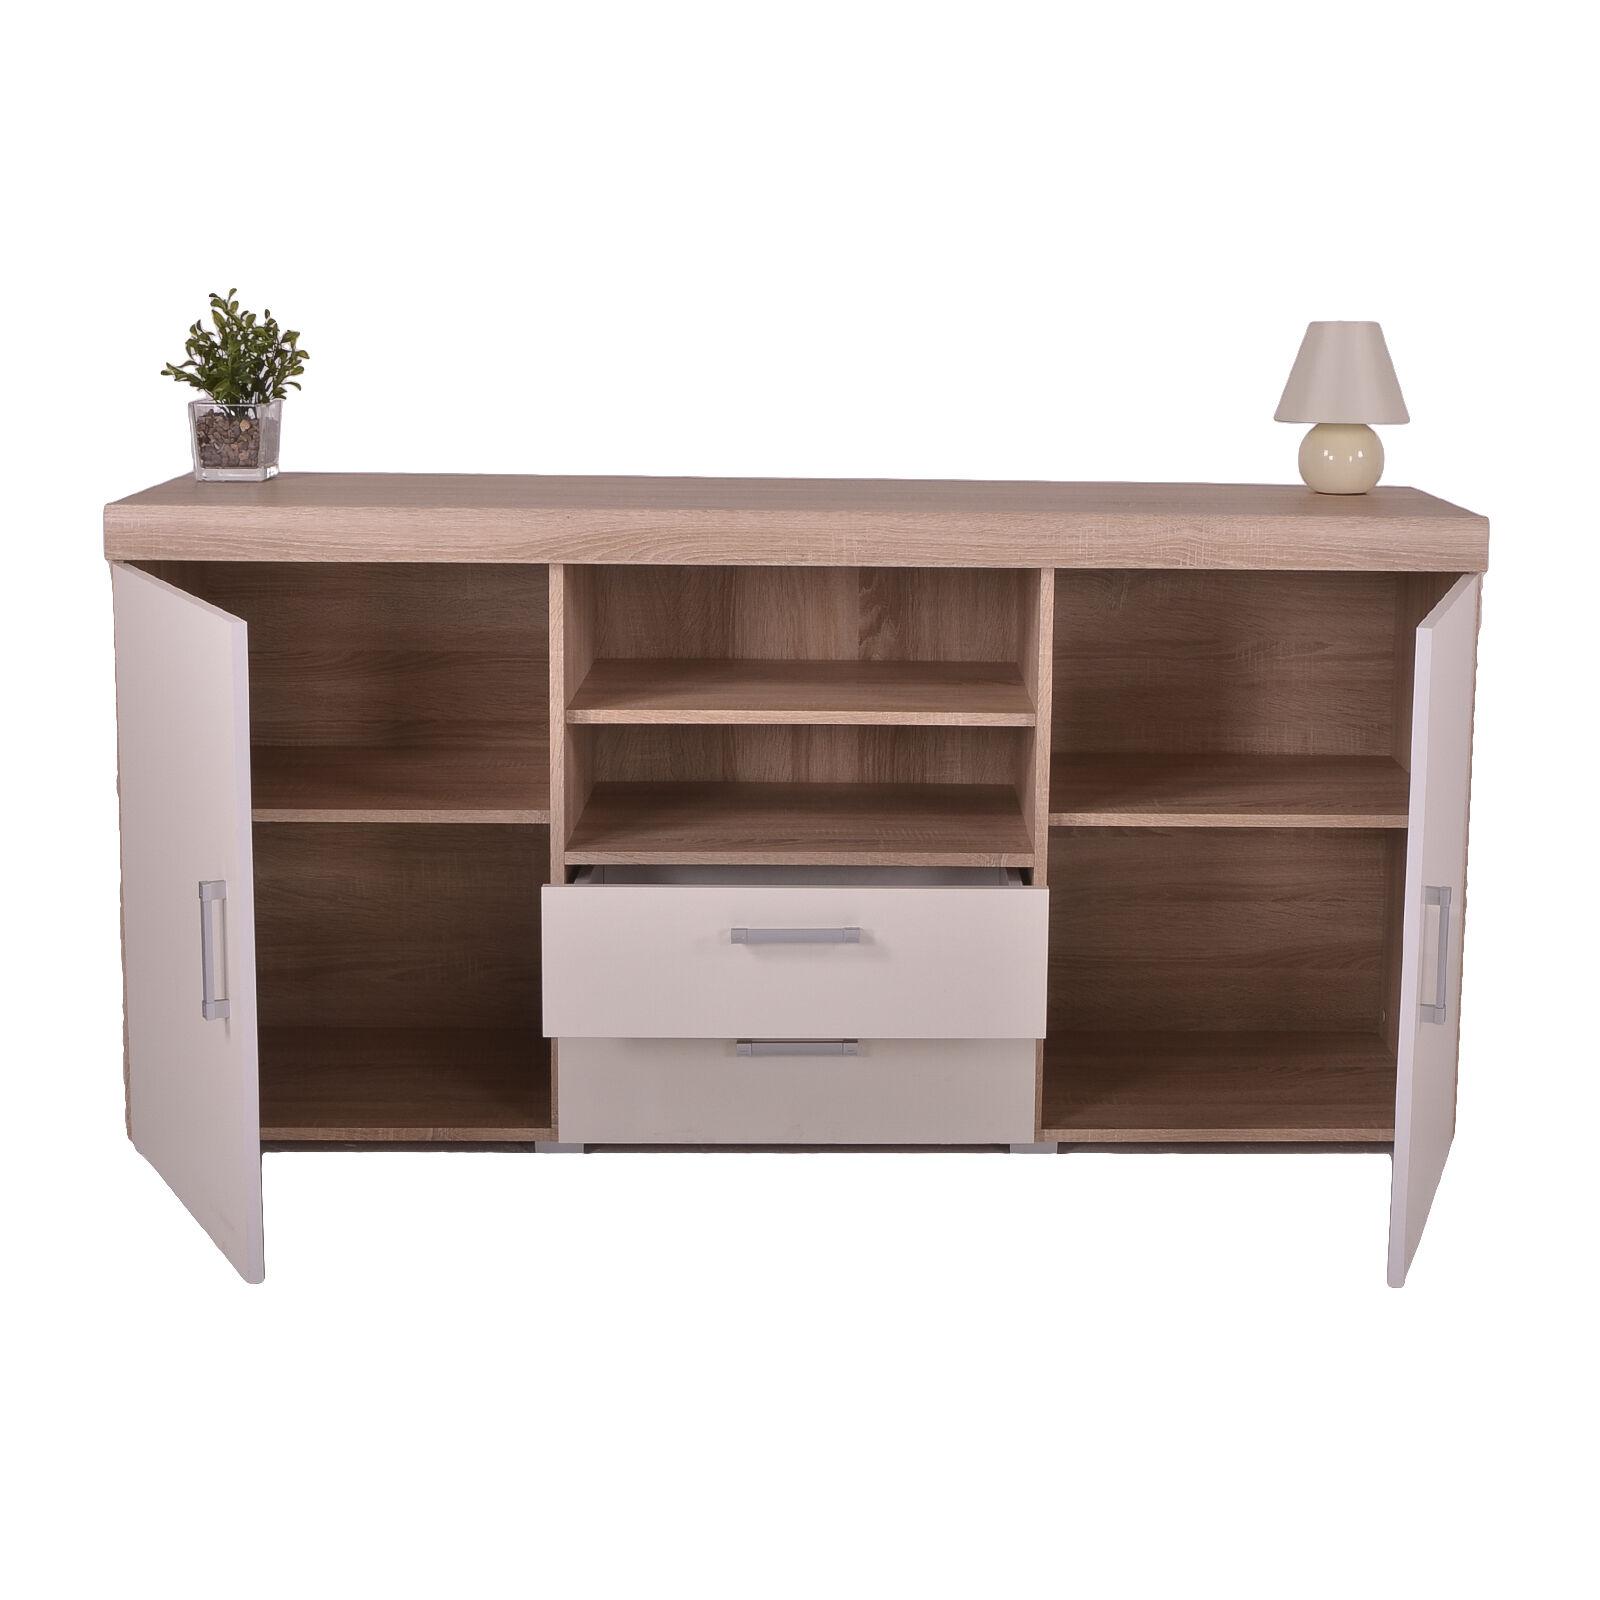 white sonoma oak large 2 door 2 drawer sideboard. Black Bedroom Furniture Sets. Home Design Ideas